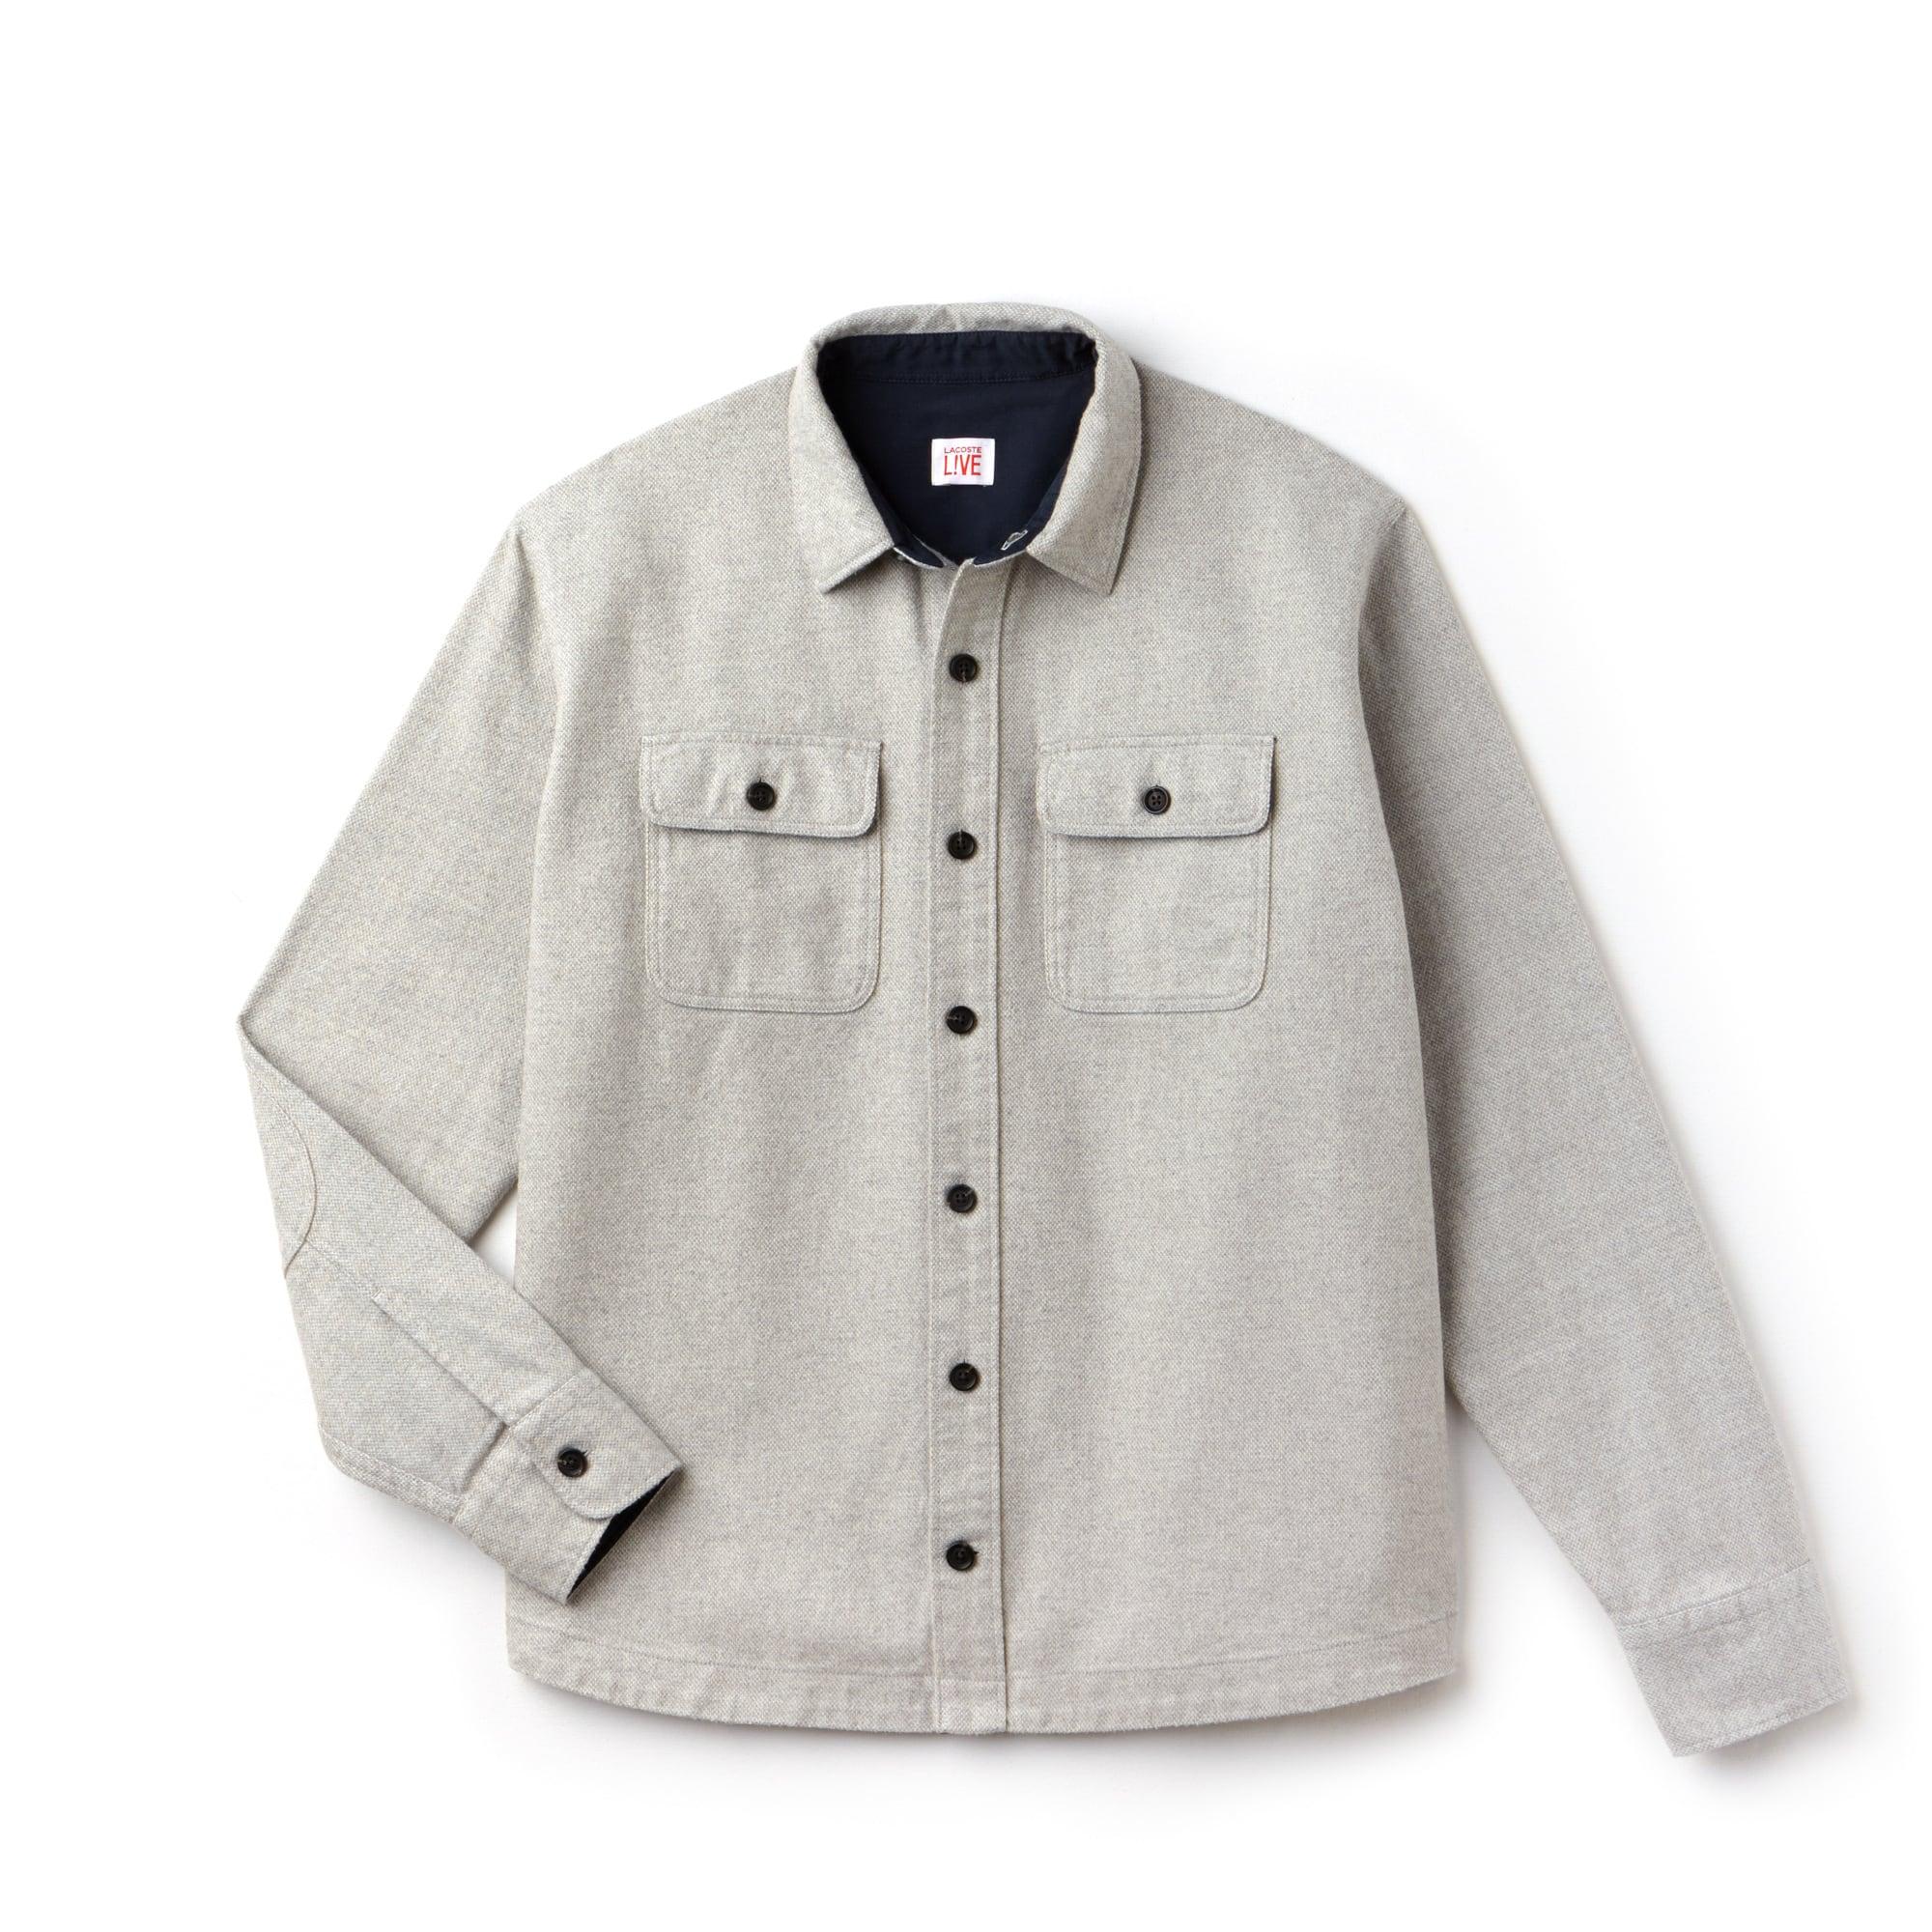 Camicia boxy fit Lacoste LIVE in flanella di cotone tinta unita